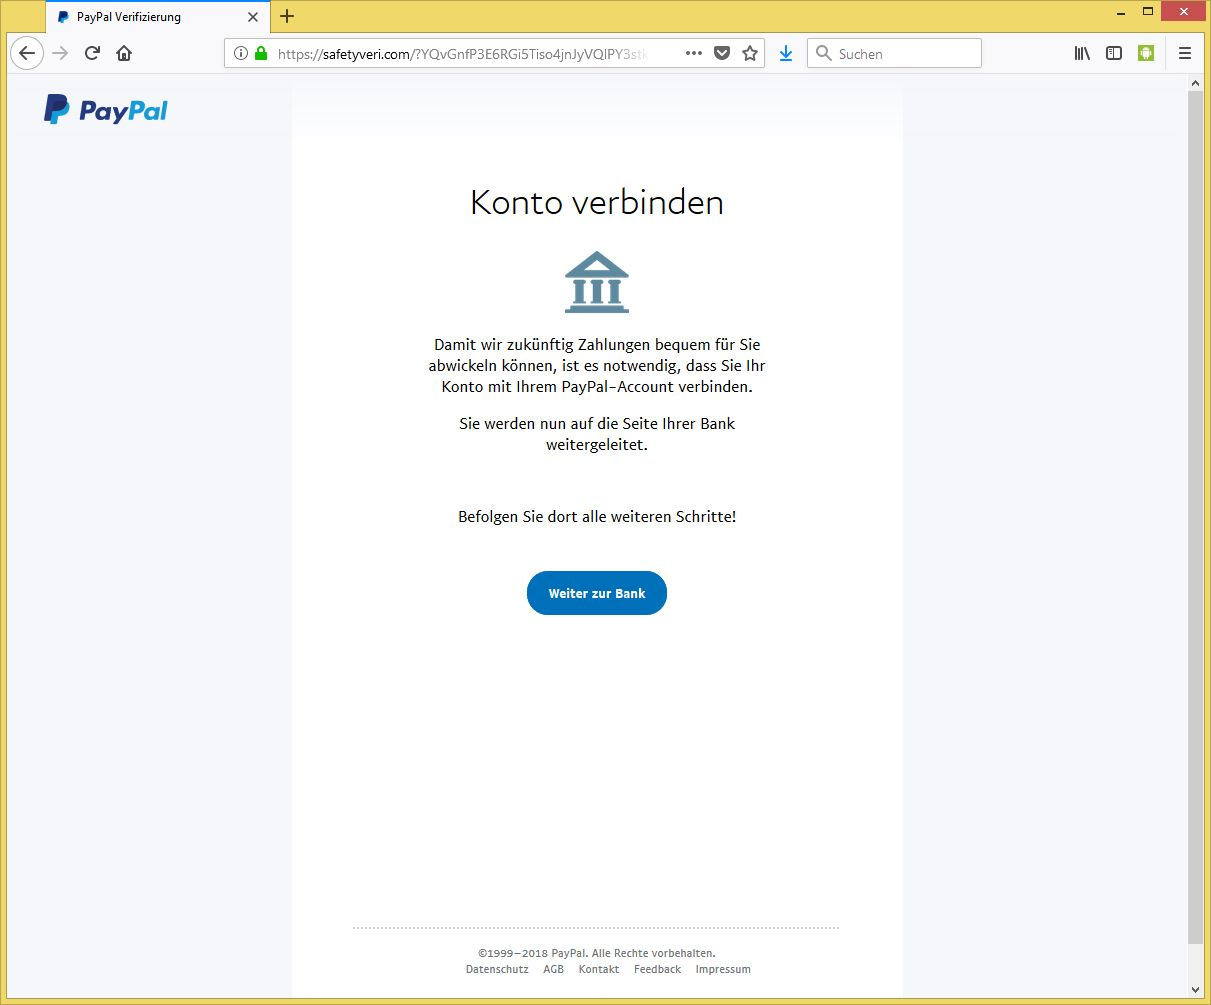 paypal mit konto verbinden